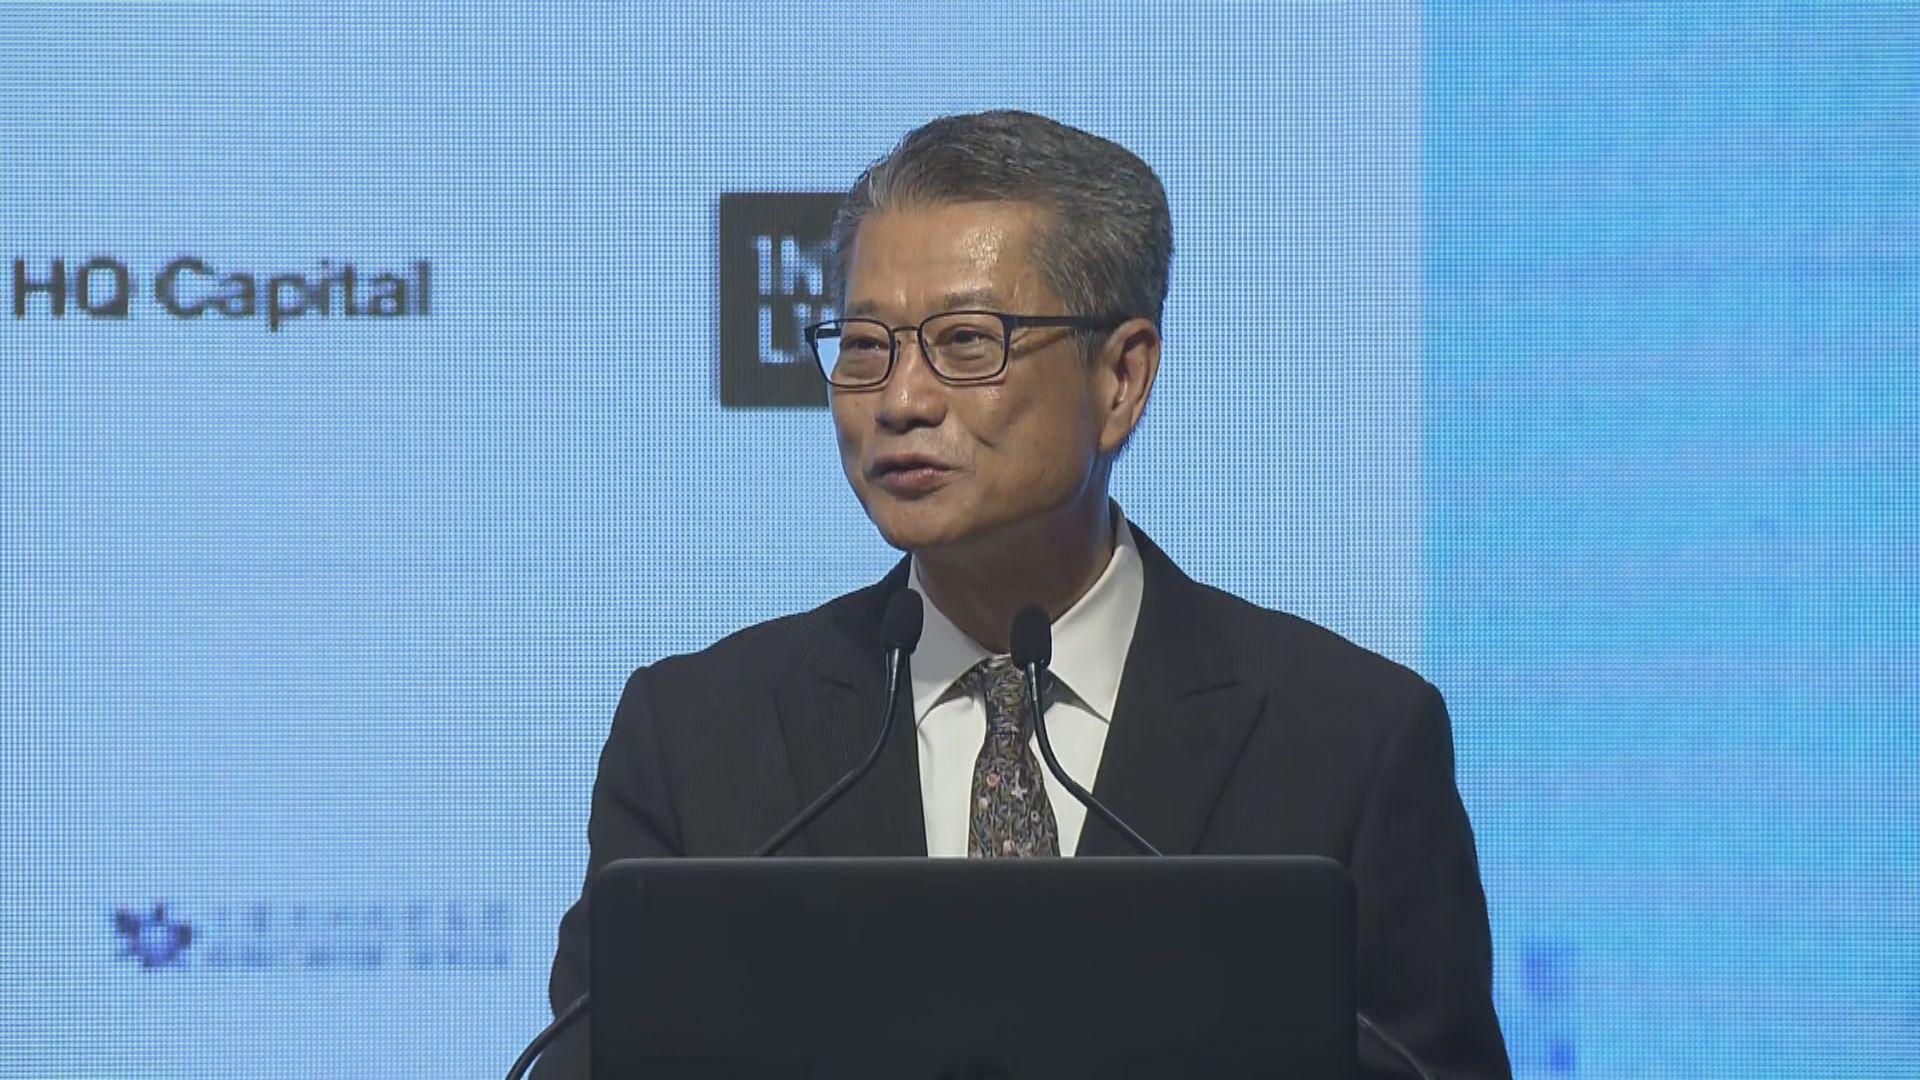 【經濟挑戰】陳茂波:中美簽署協議屬好消息 但仍存在複雜問題